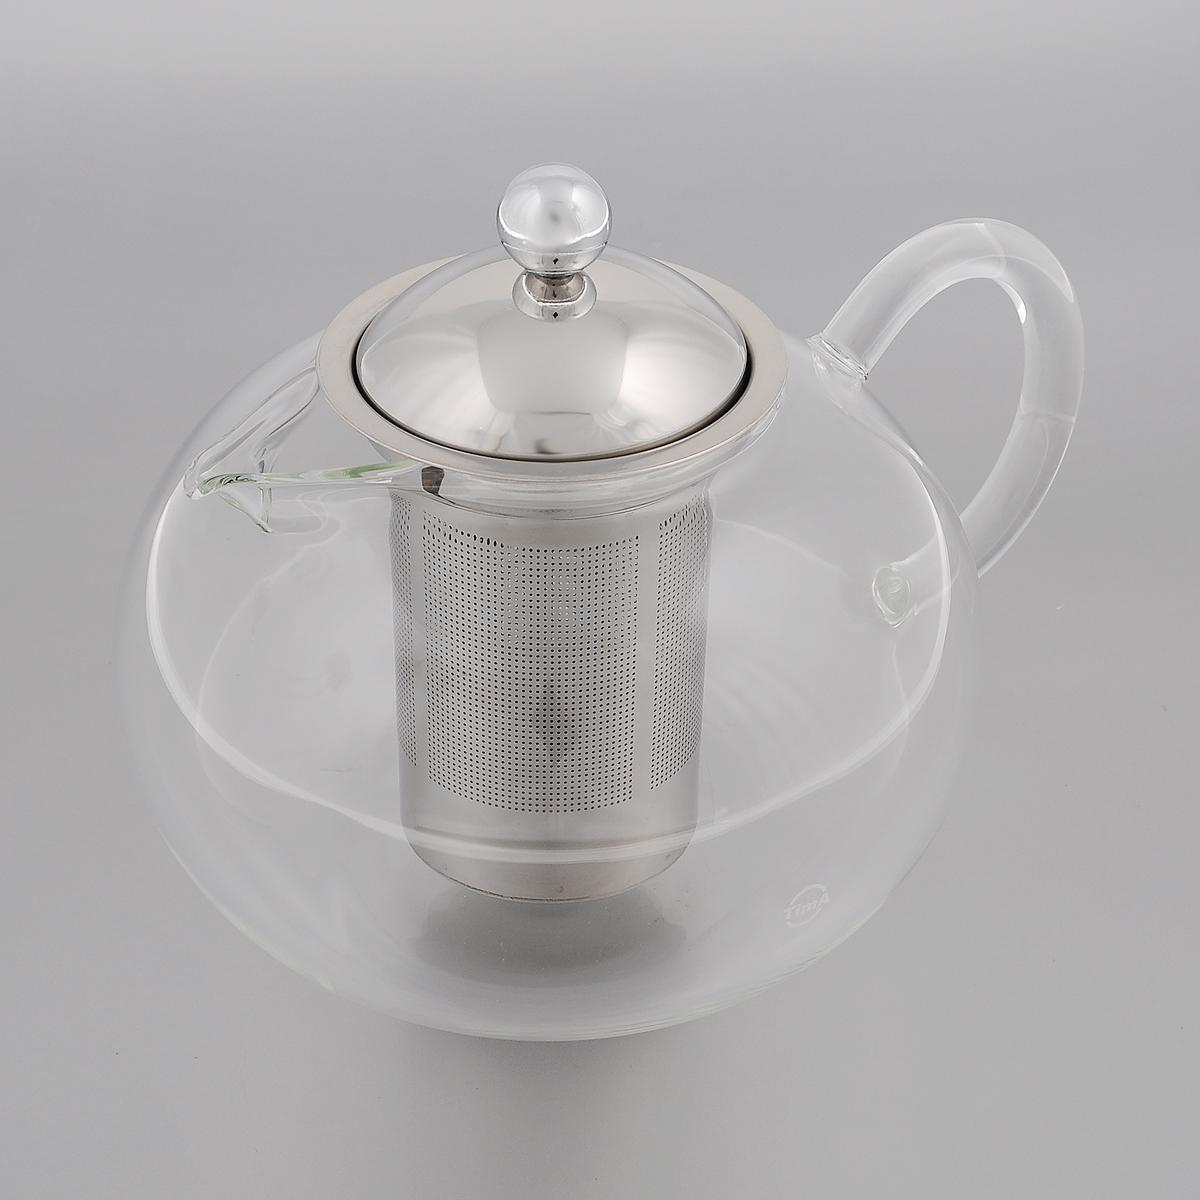 Чайник заварочный TimA Жасмин, 1,5 лTG-1500Заварочный чайник TimA Жасмин изготовлен из термостойкого боросиликатного стекла - прочного износостойкого материала. Чайник оснащен фильтром и крышкой из нержавеющей стали.Простой и удобный чайник поможет вам приготовить крепкий, ароматный чай. Дизайн изделия создает гипнотическую атмосферу через сочетание полупрозрачного цвета и хромированных элементов. Можно мыть в посудомоечной машине. Не использовать в микроволновой печи.Диаметр (по верхнему краю): 7,5 см.Высота (без учета крышки): 10,5 см.Высота фильтра: 10 см.